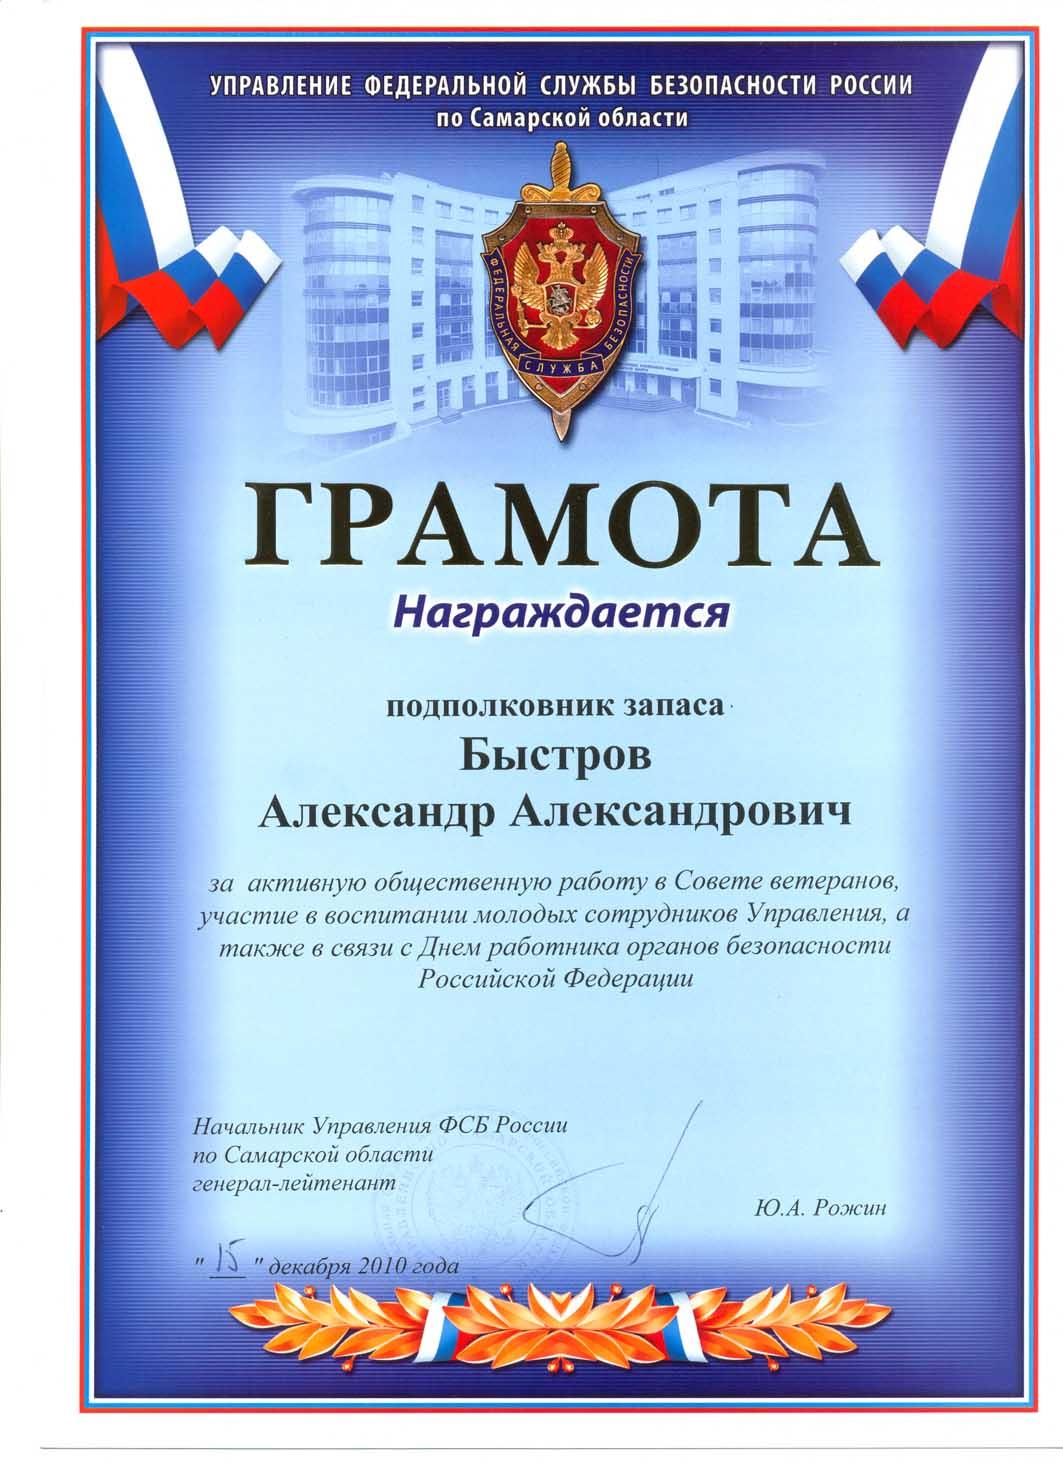 Поздравления с днем работника органов безопасности 39